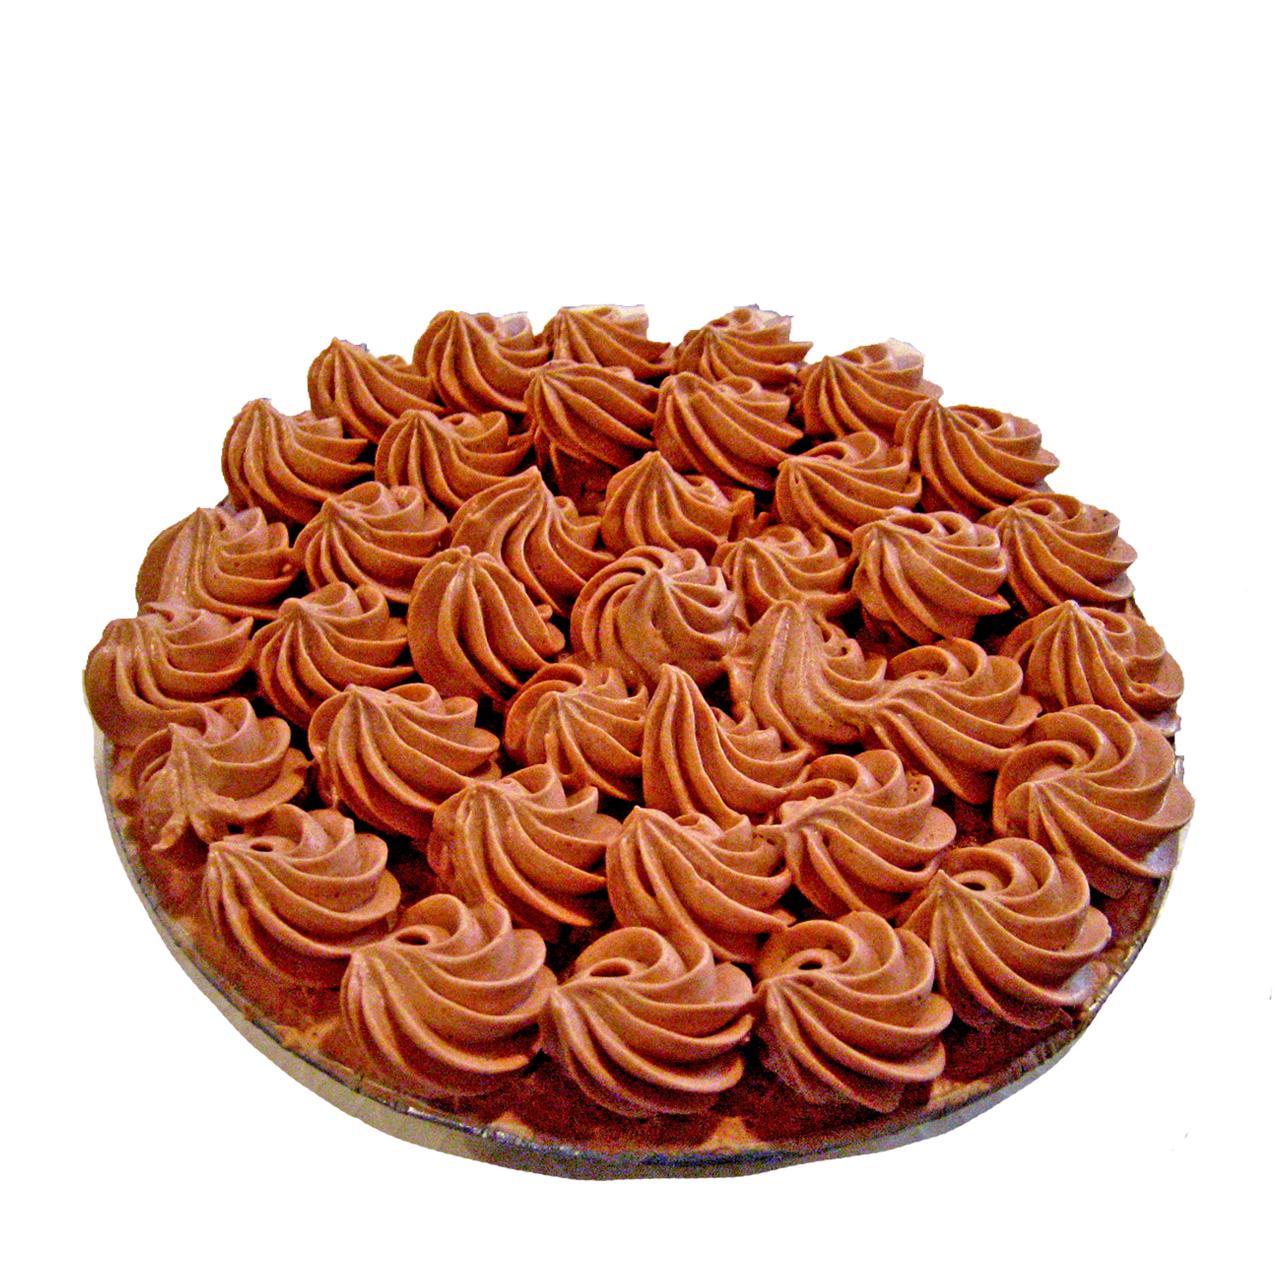 アレルギー対応「ショコラケーキ」